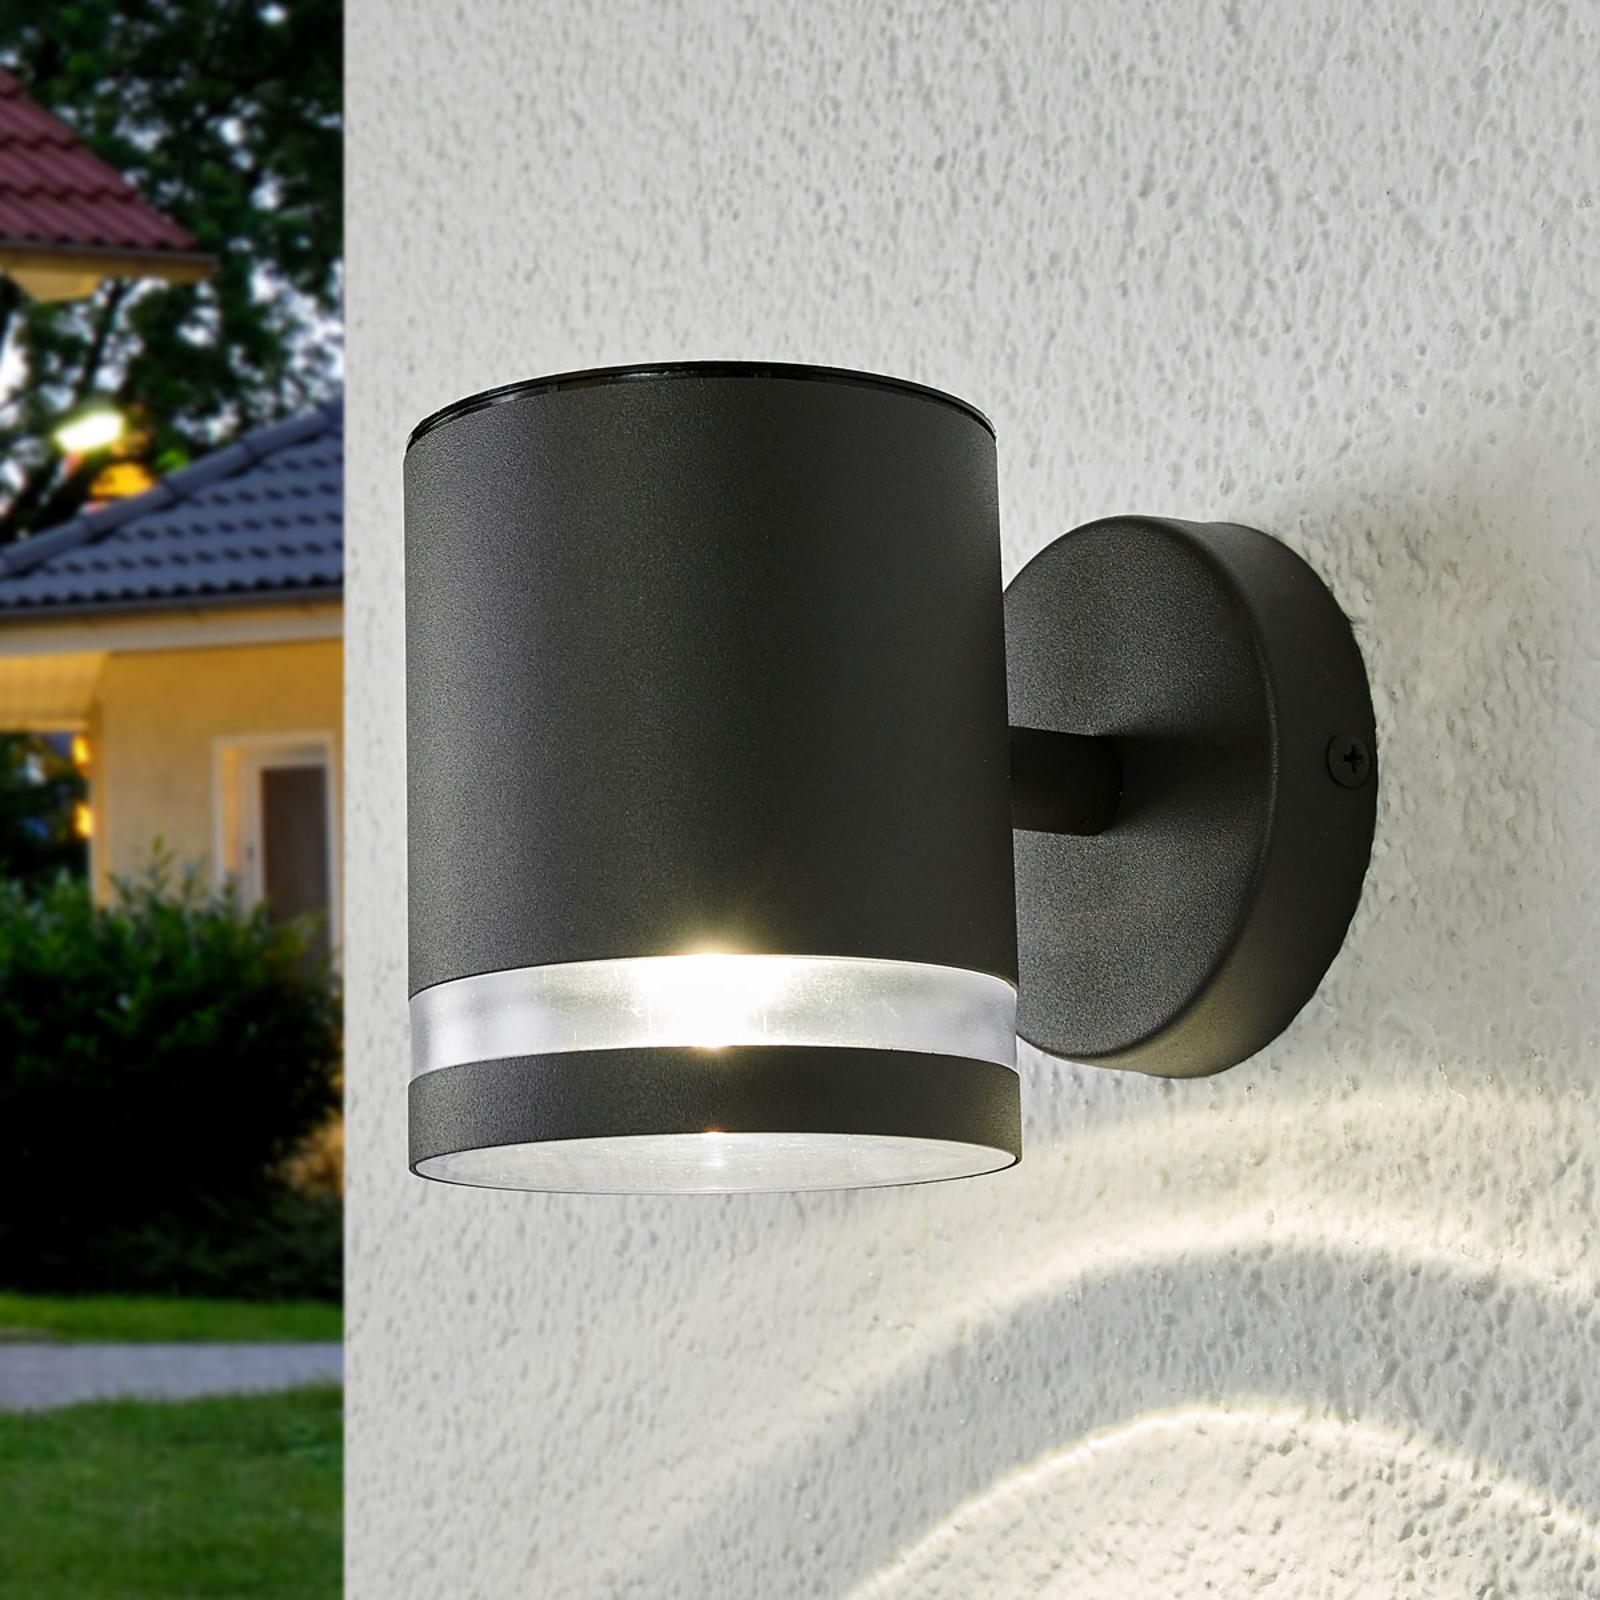 Applique d'extérieur LED solaire grise Melinda